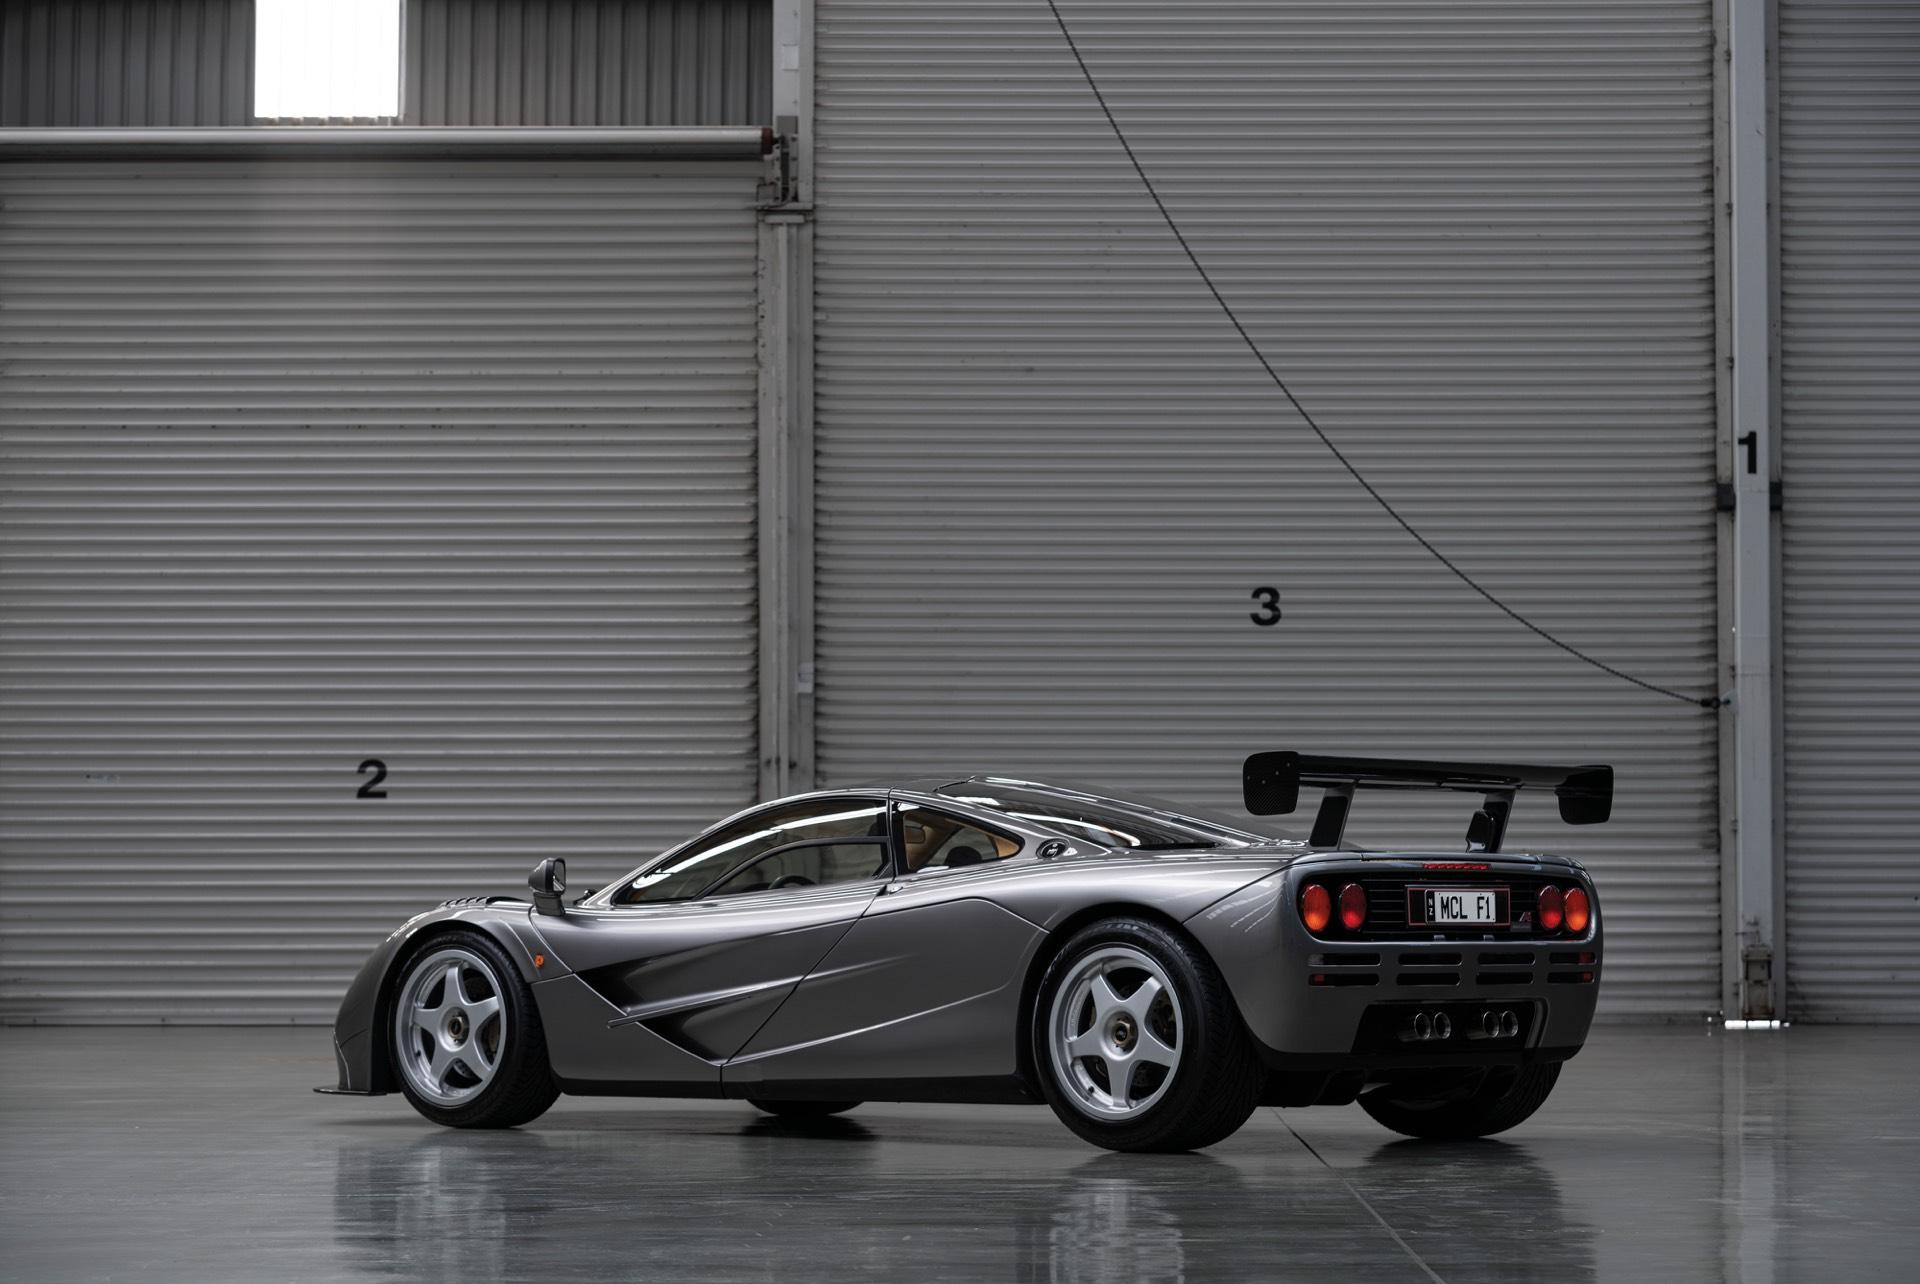 Конечно, спецификация LM не уникальна для этих двух автомобилей. Пять «настоящих» LM были построены в честь пяти GTR McLaren F1, которые соревновались и закончили 24-часовую гонку Ле-Мана в 1995 году. Эти автомобили вряд ли попадут на аукцион в ближа